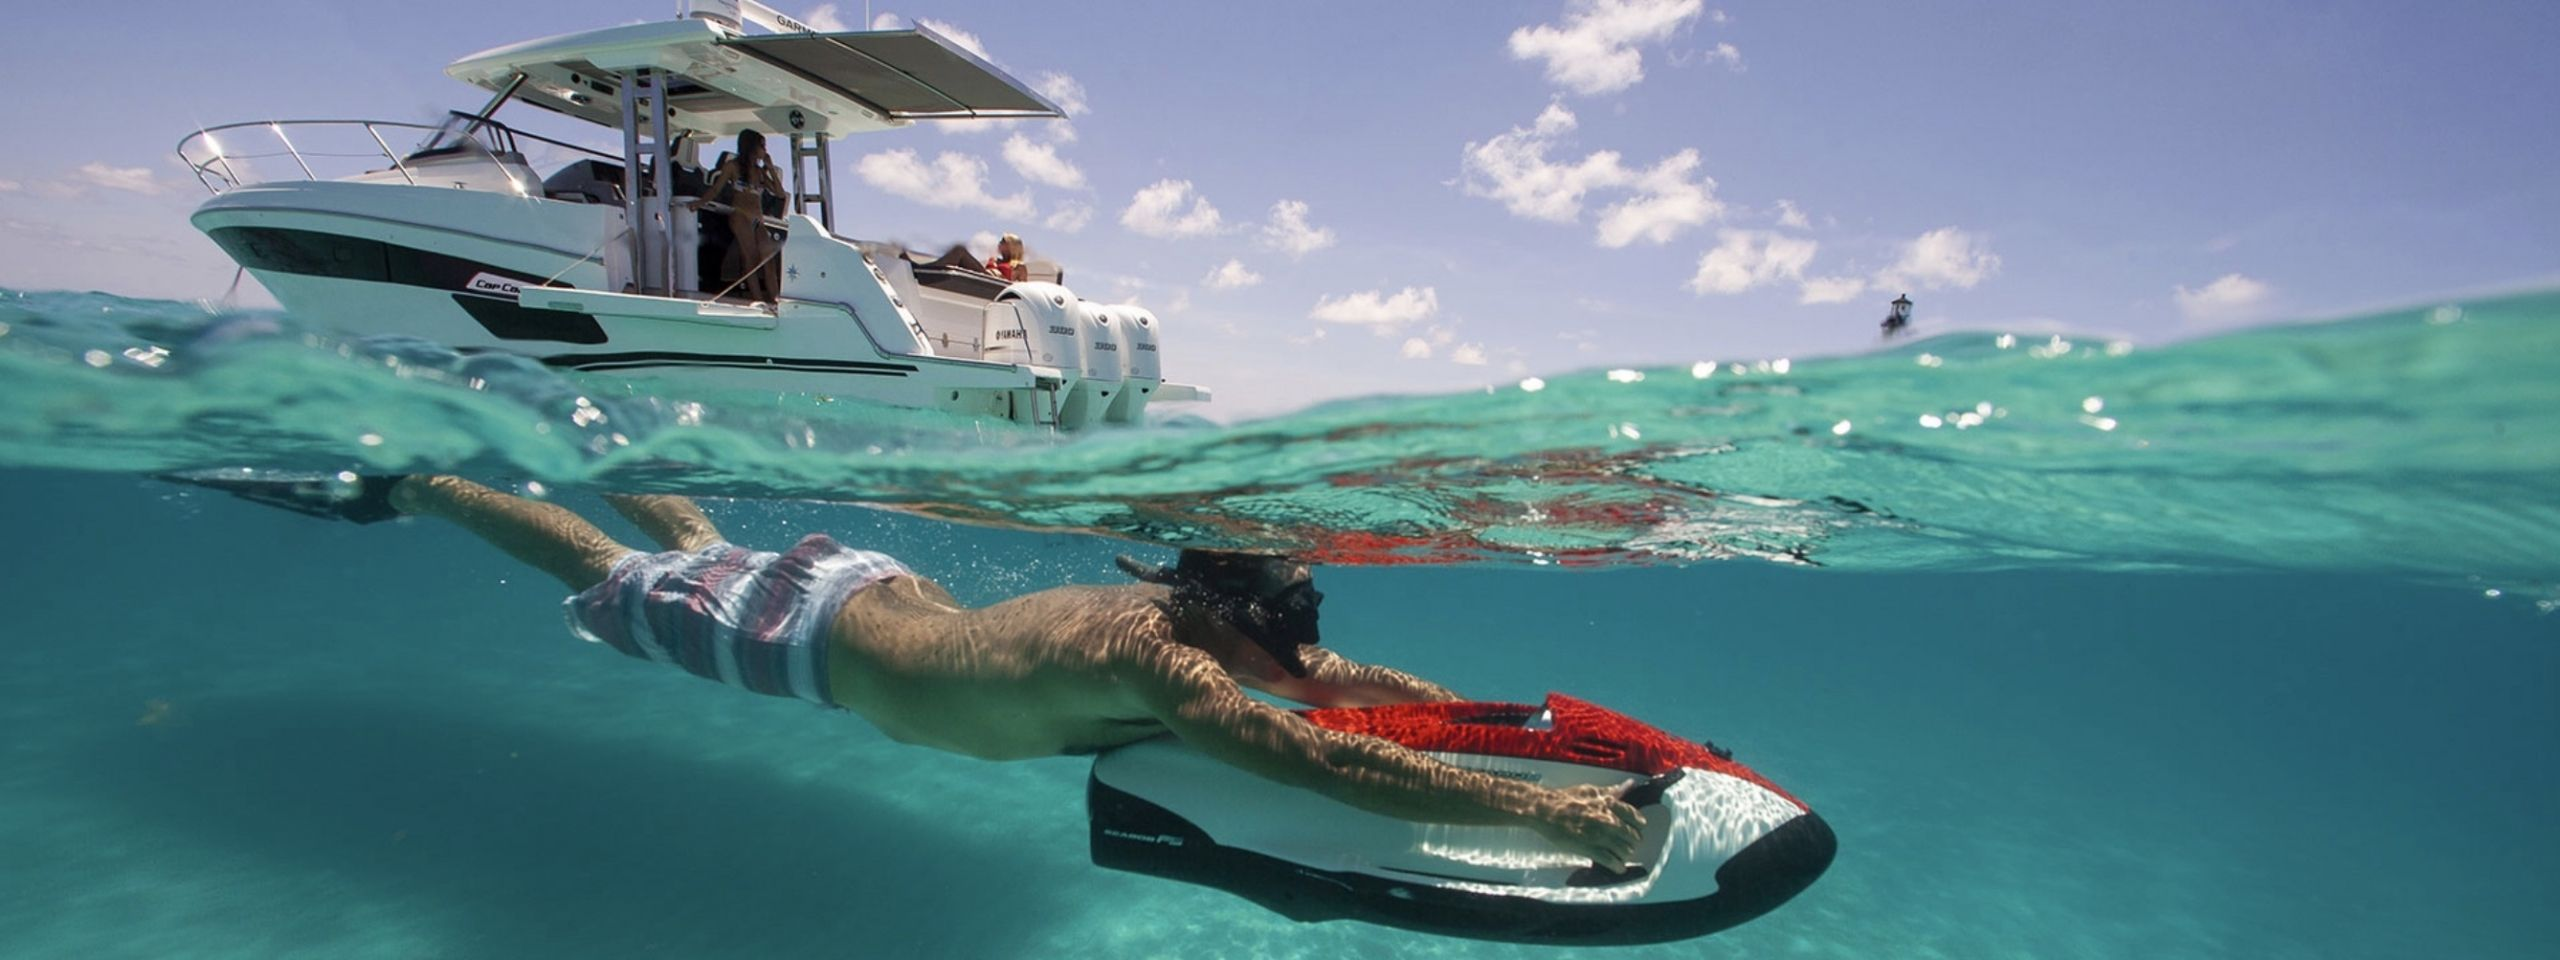 Equipamiento de Ocio y Deportes acuaticos para barcos - KAT Marina